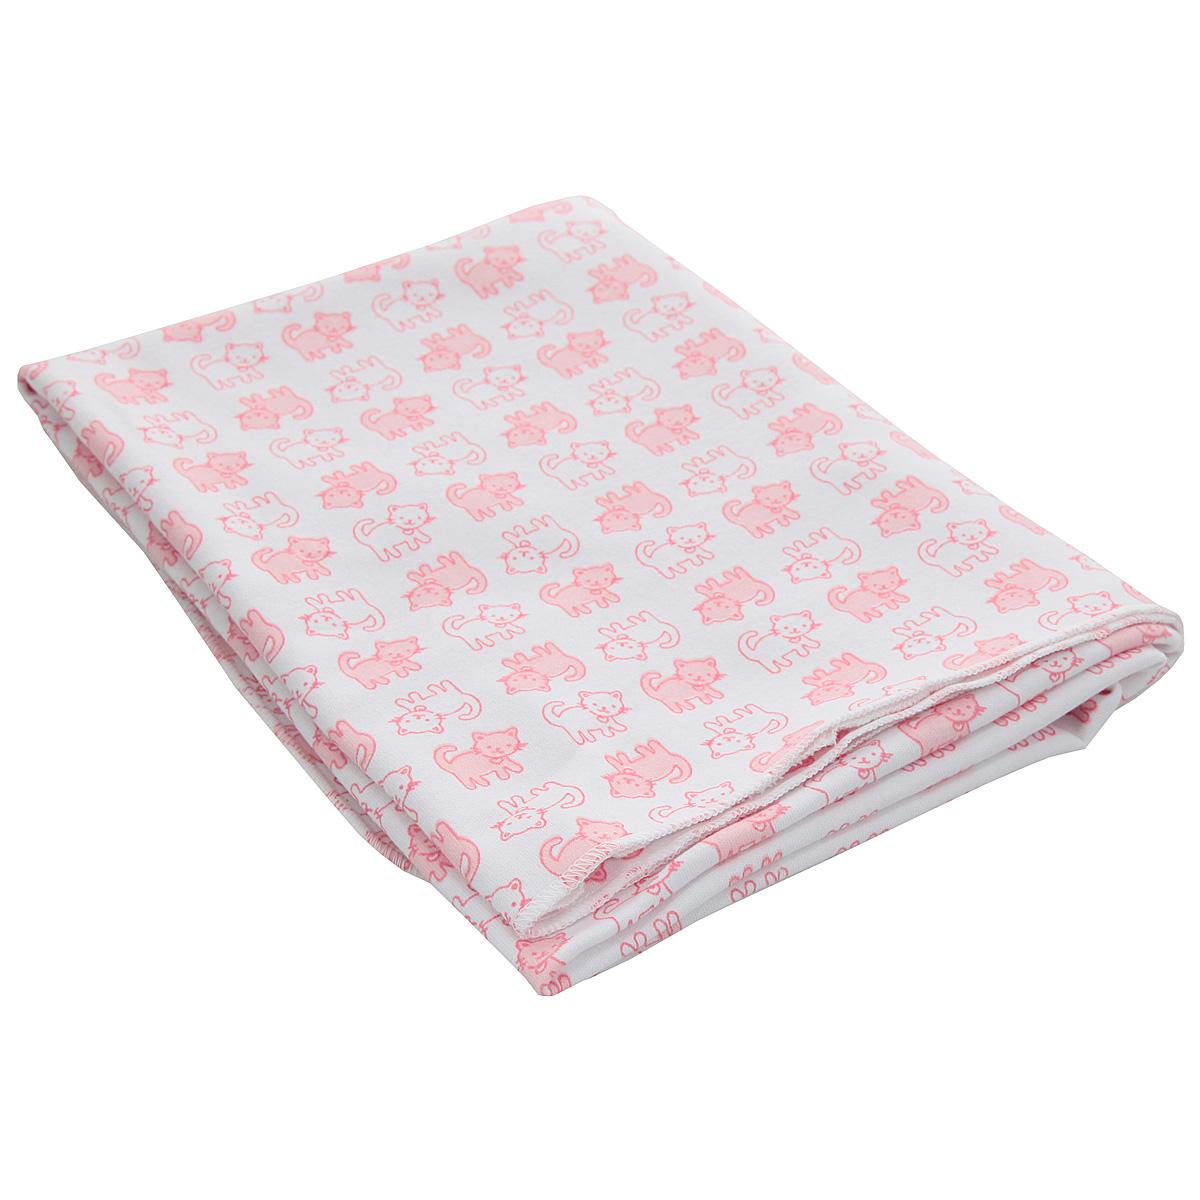 Пеленка трикотажная Трон-Плюс Котенок, цвет: белый, розовый, 120 см х 90 см пеленка для свободного пеленания